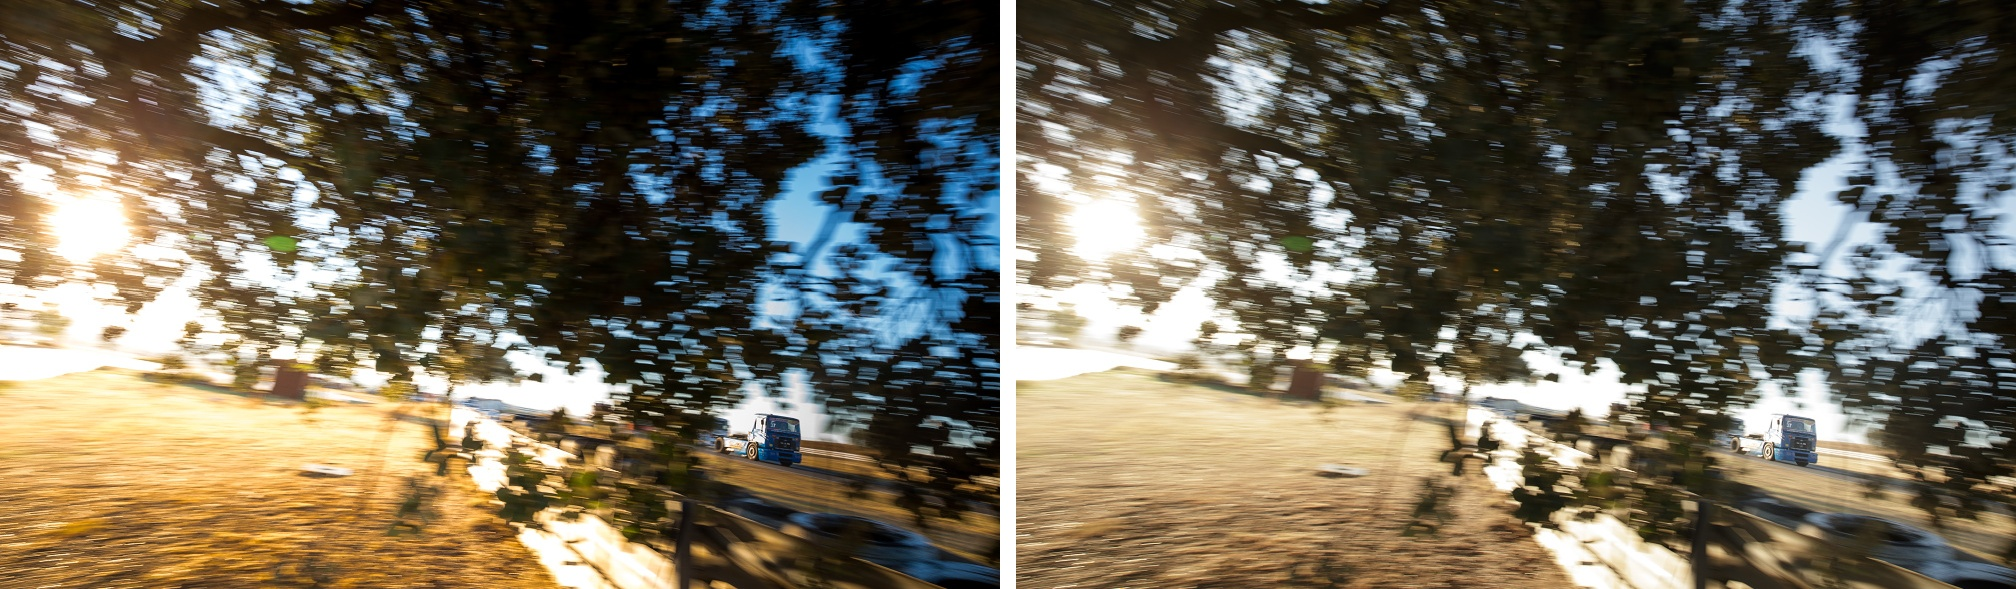 Výrazně zvýšená saturace levé části snímku, ztmavení oblohy, ztmavení a saturace modré barvy